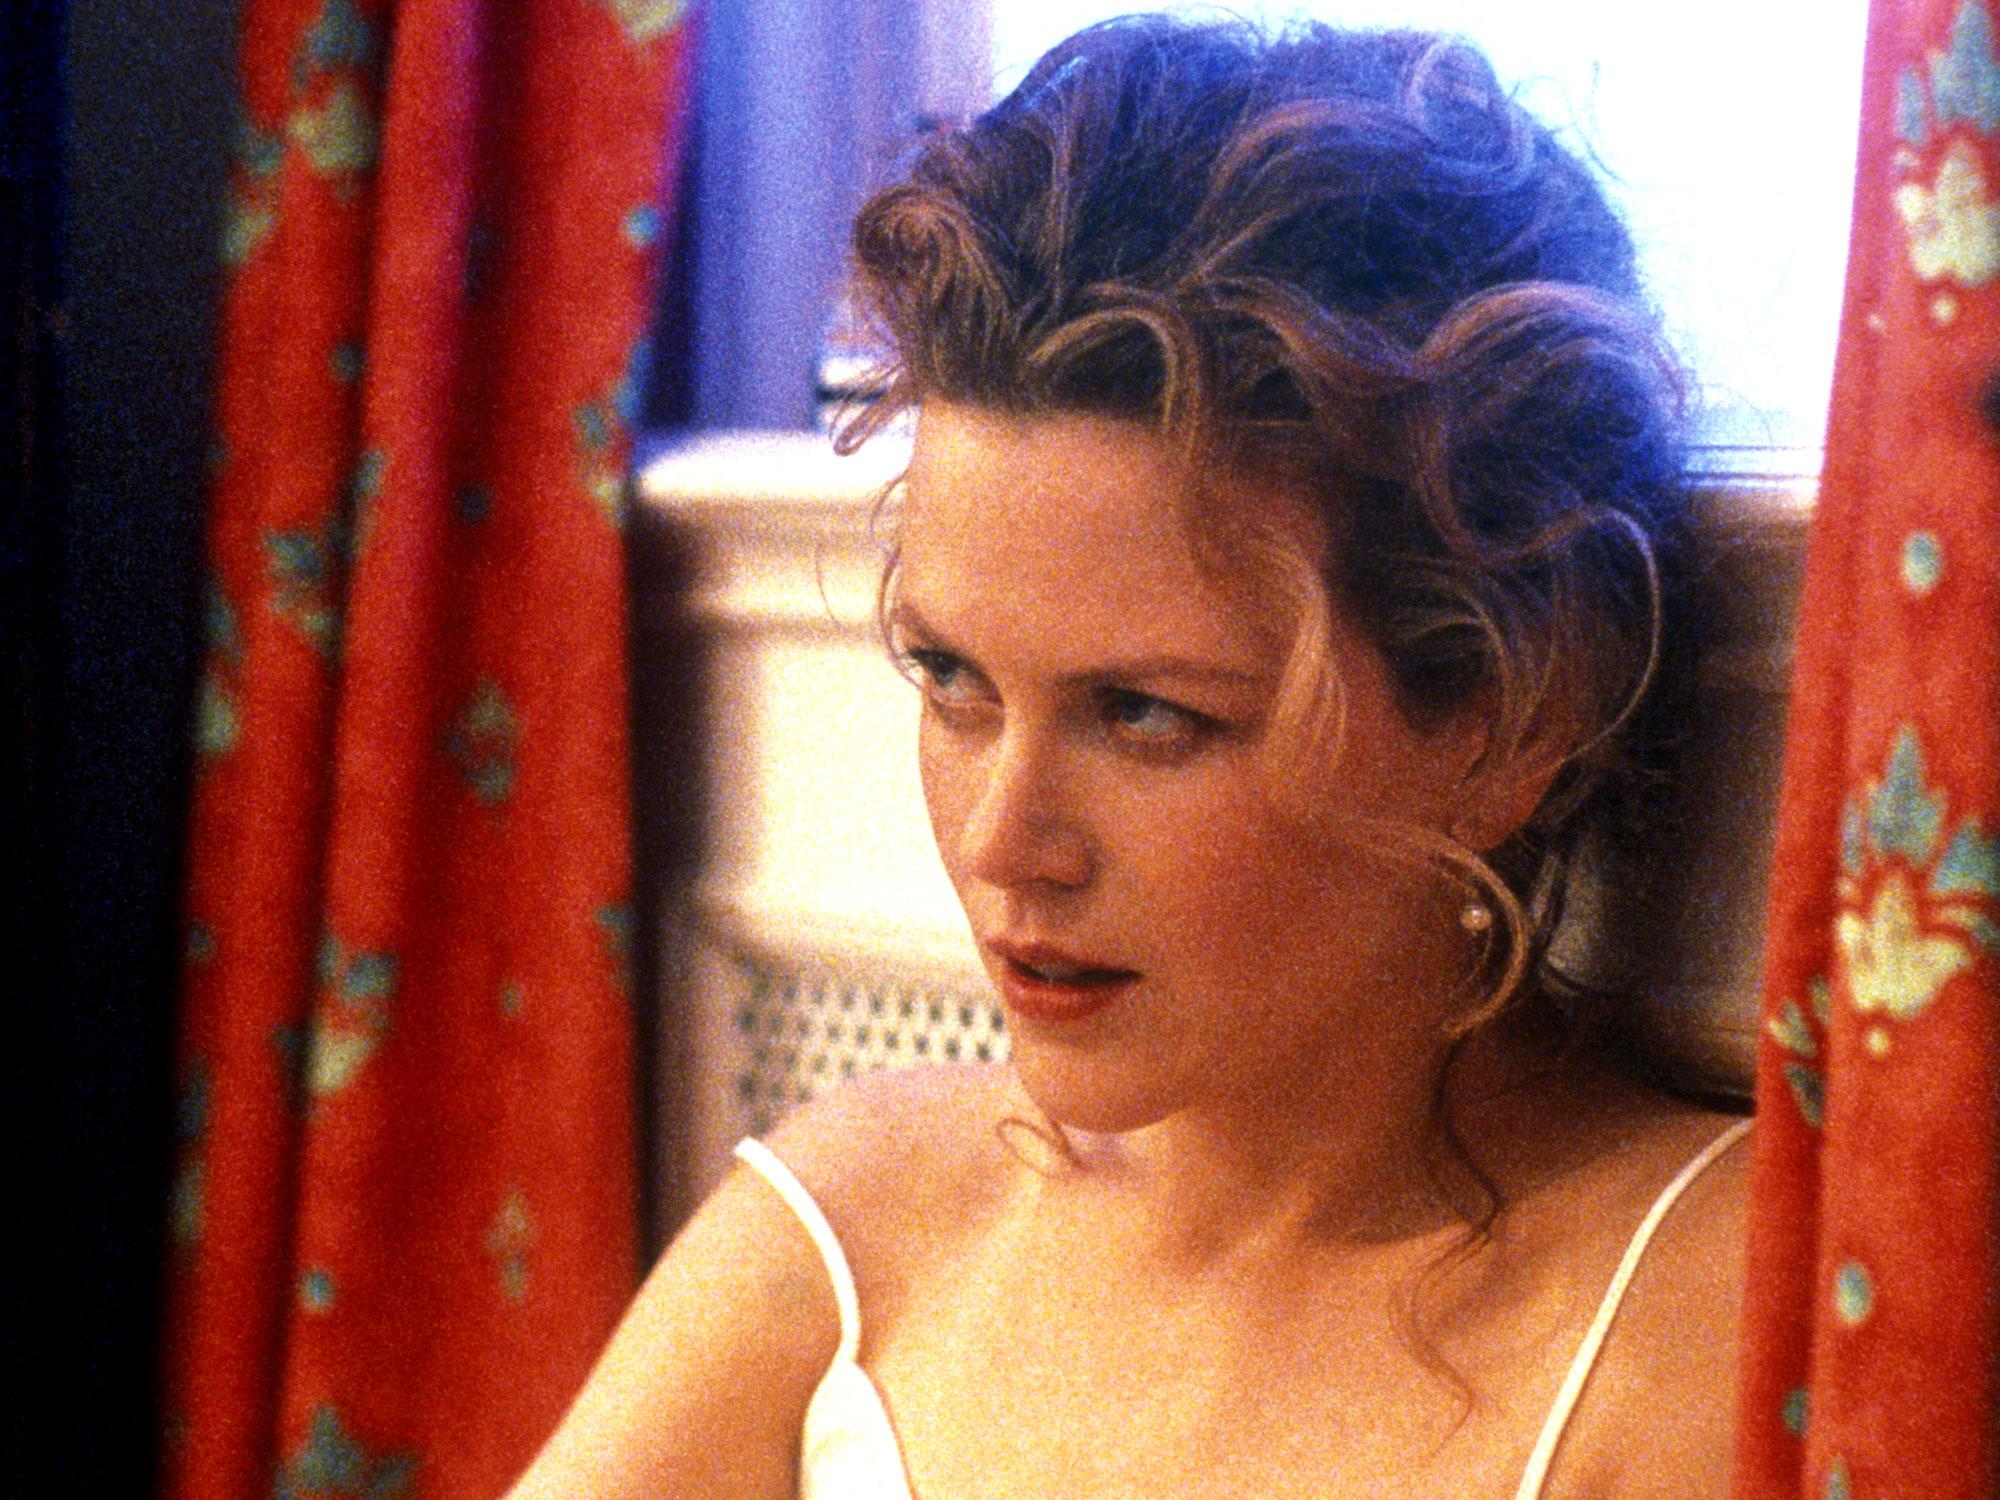 Nicole Kidman in a scene from Eyes Wide Shut (1999)